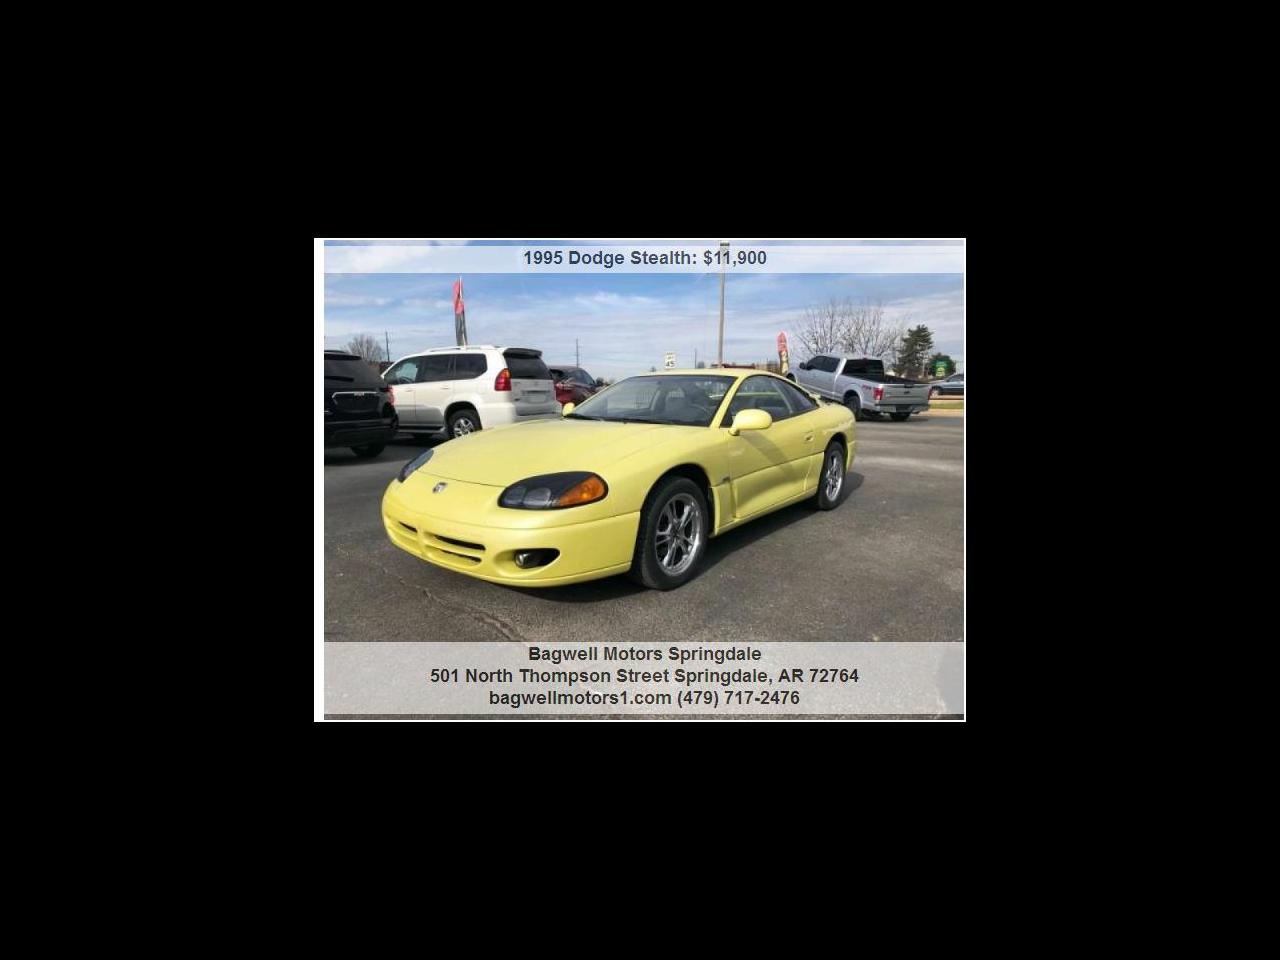 1995 Dodge Stealth 2dr Hatchback R/T